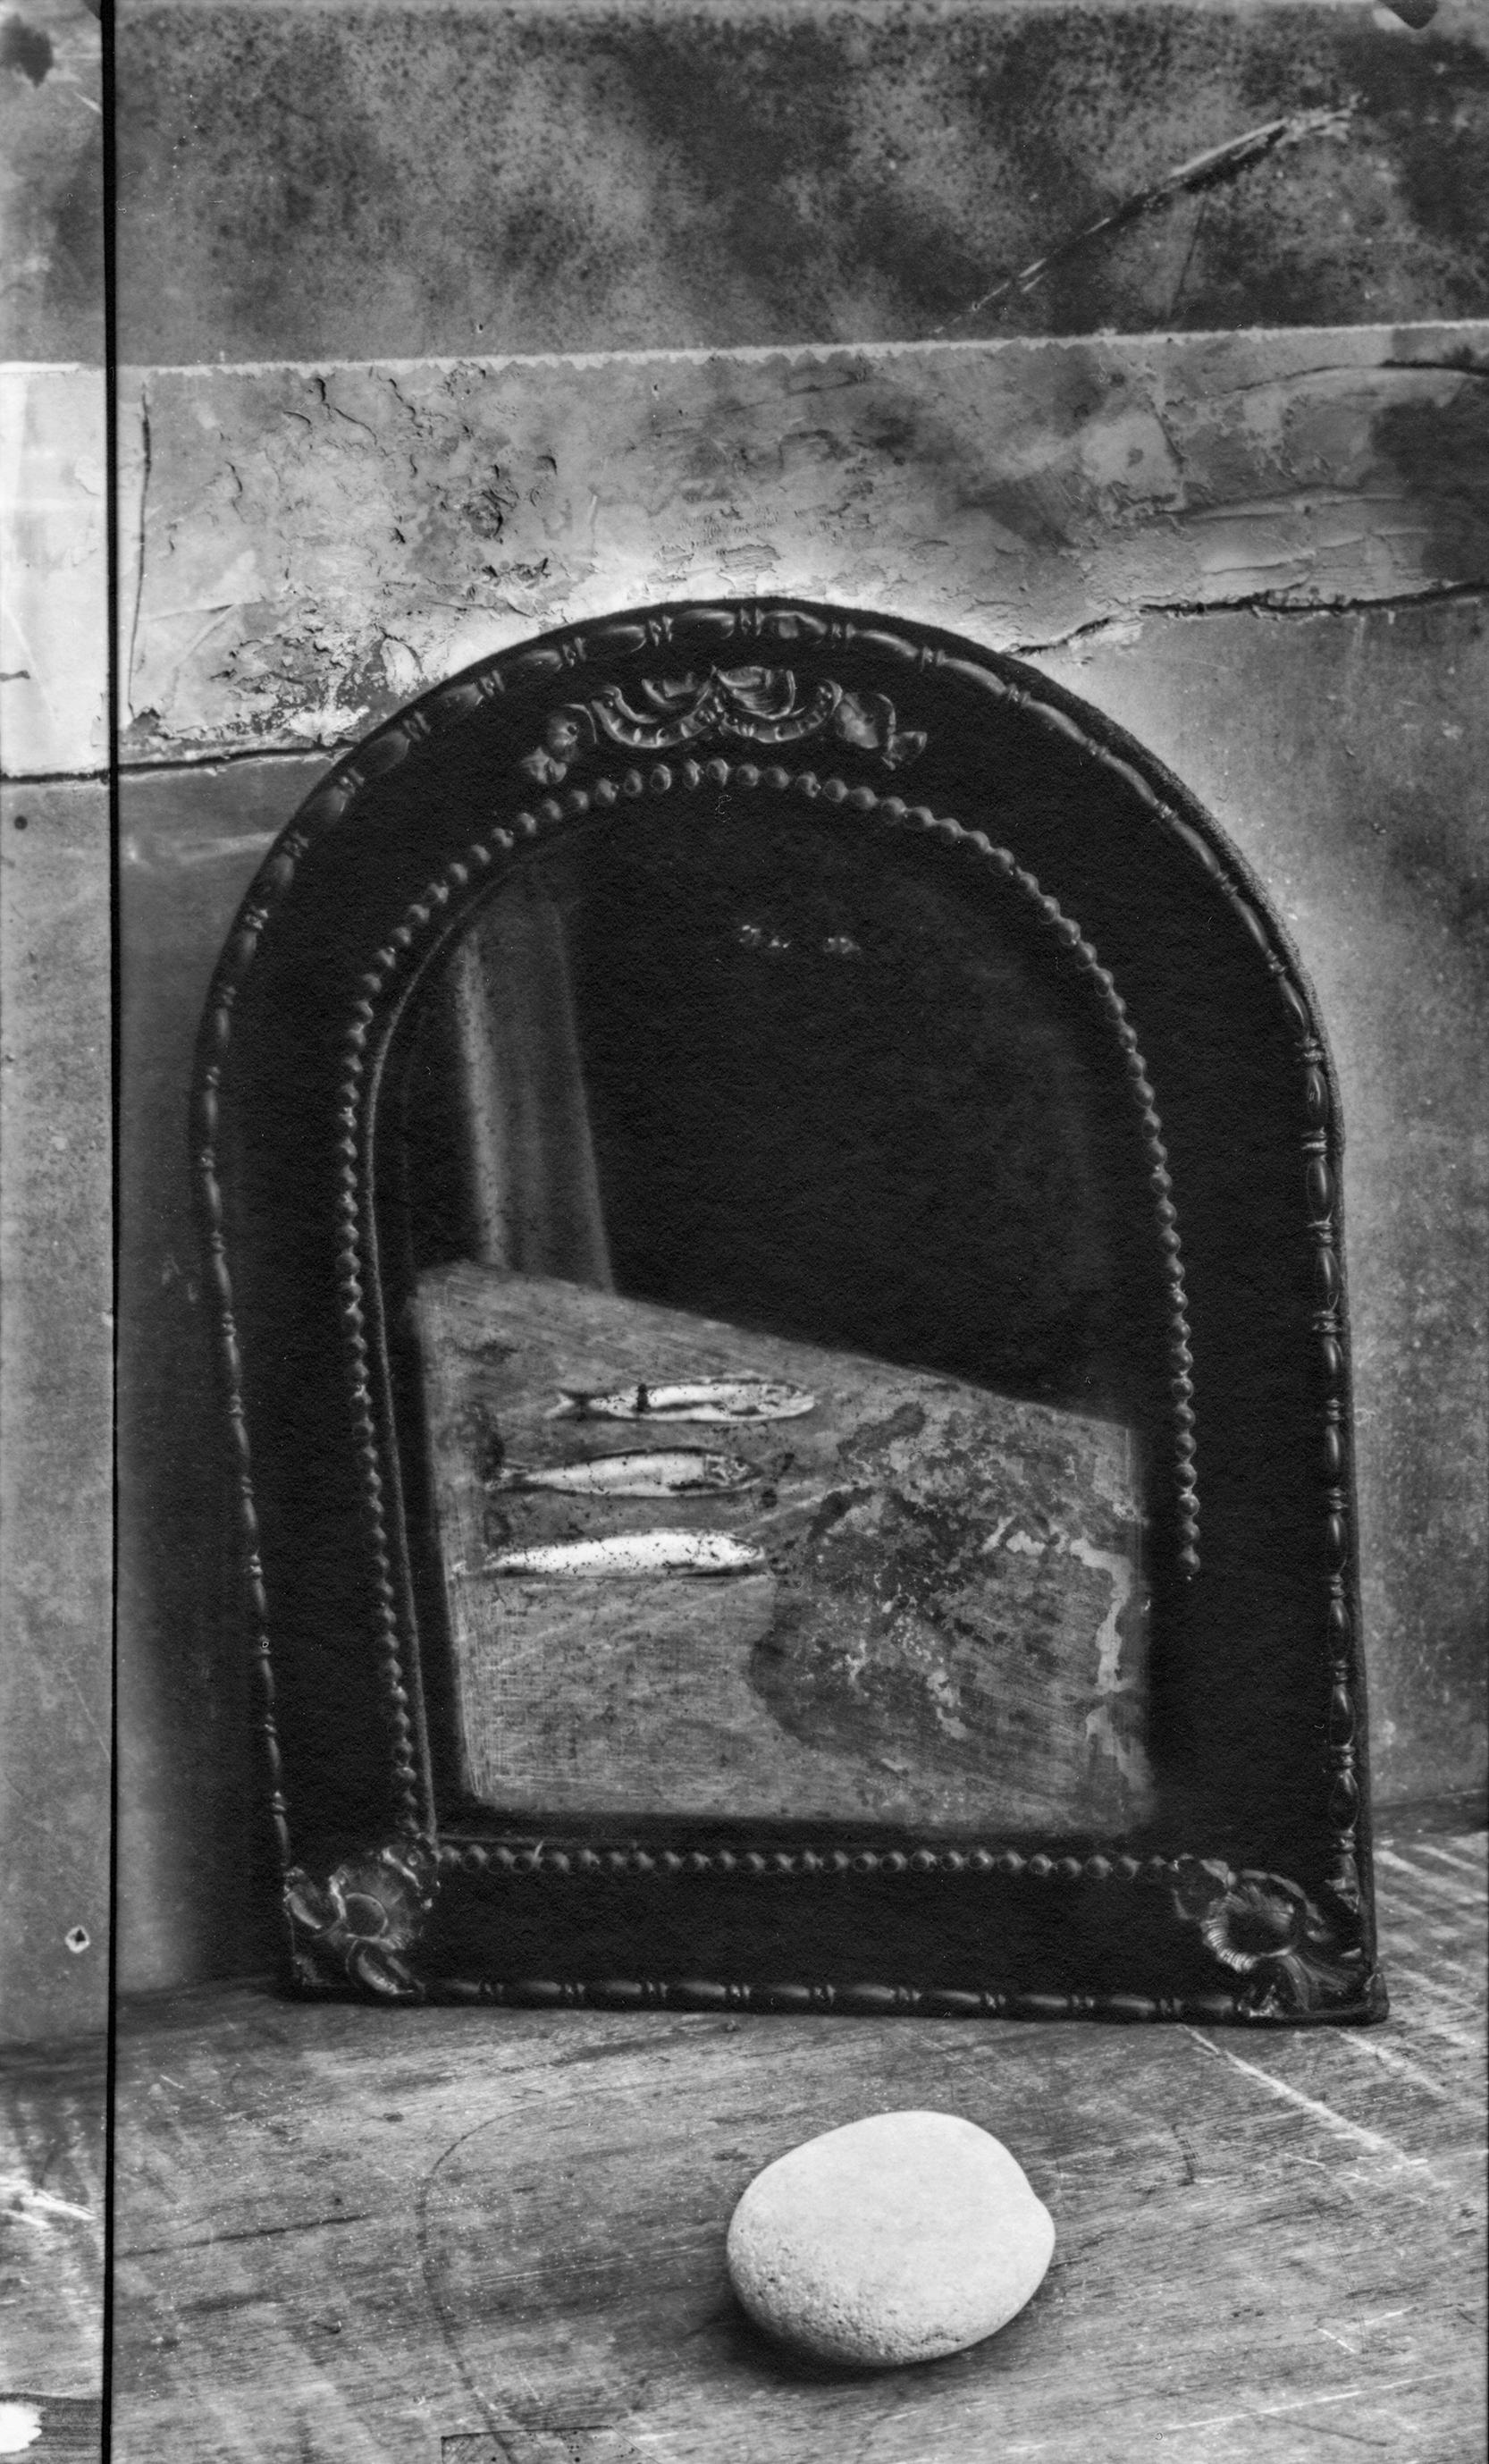 le miroir aux poissons, passages. prix levallois 2019 ©saraimloul